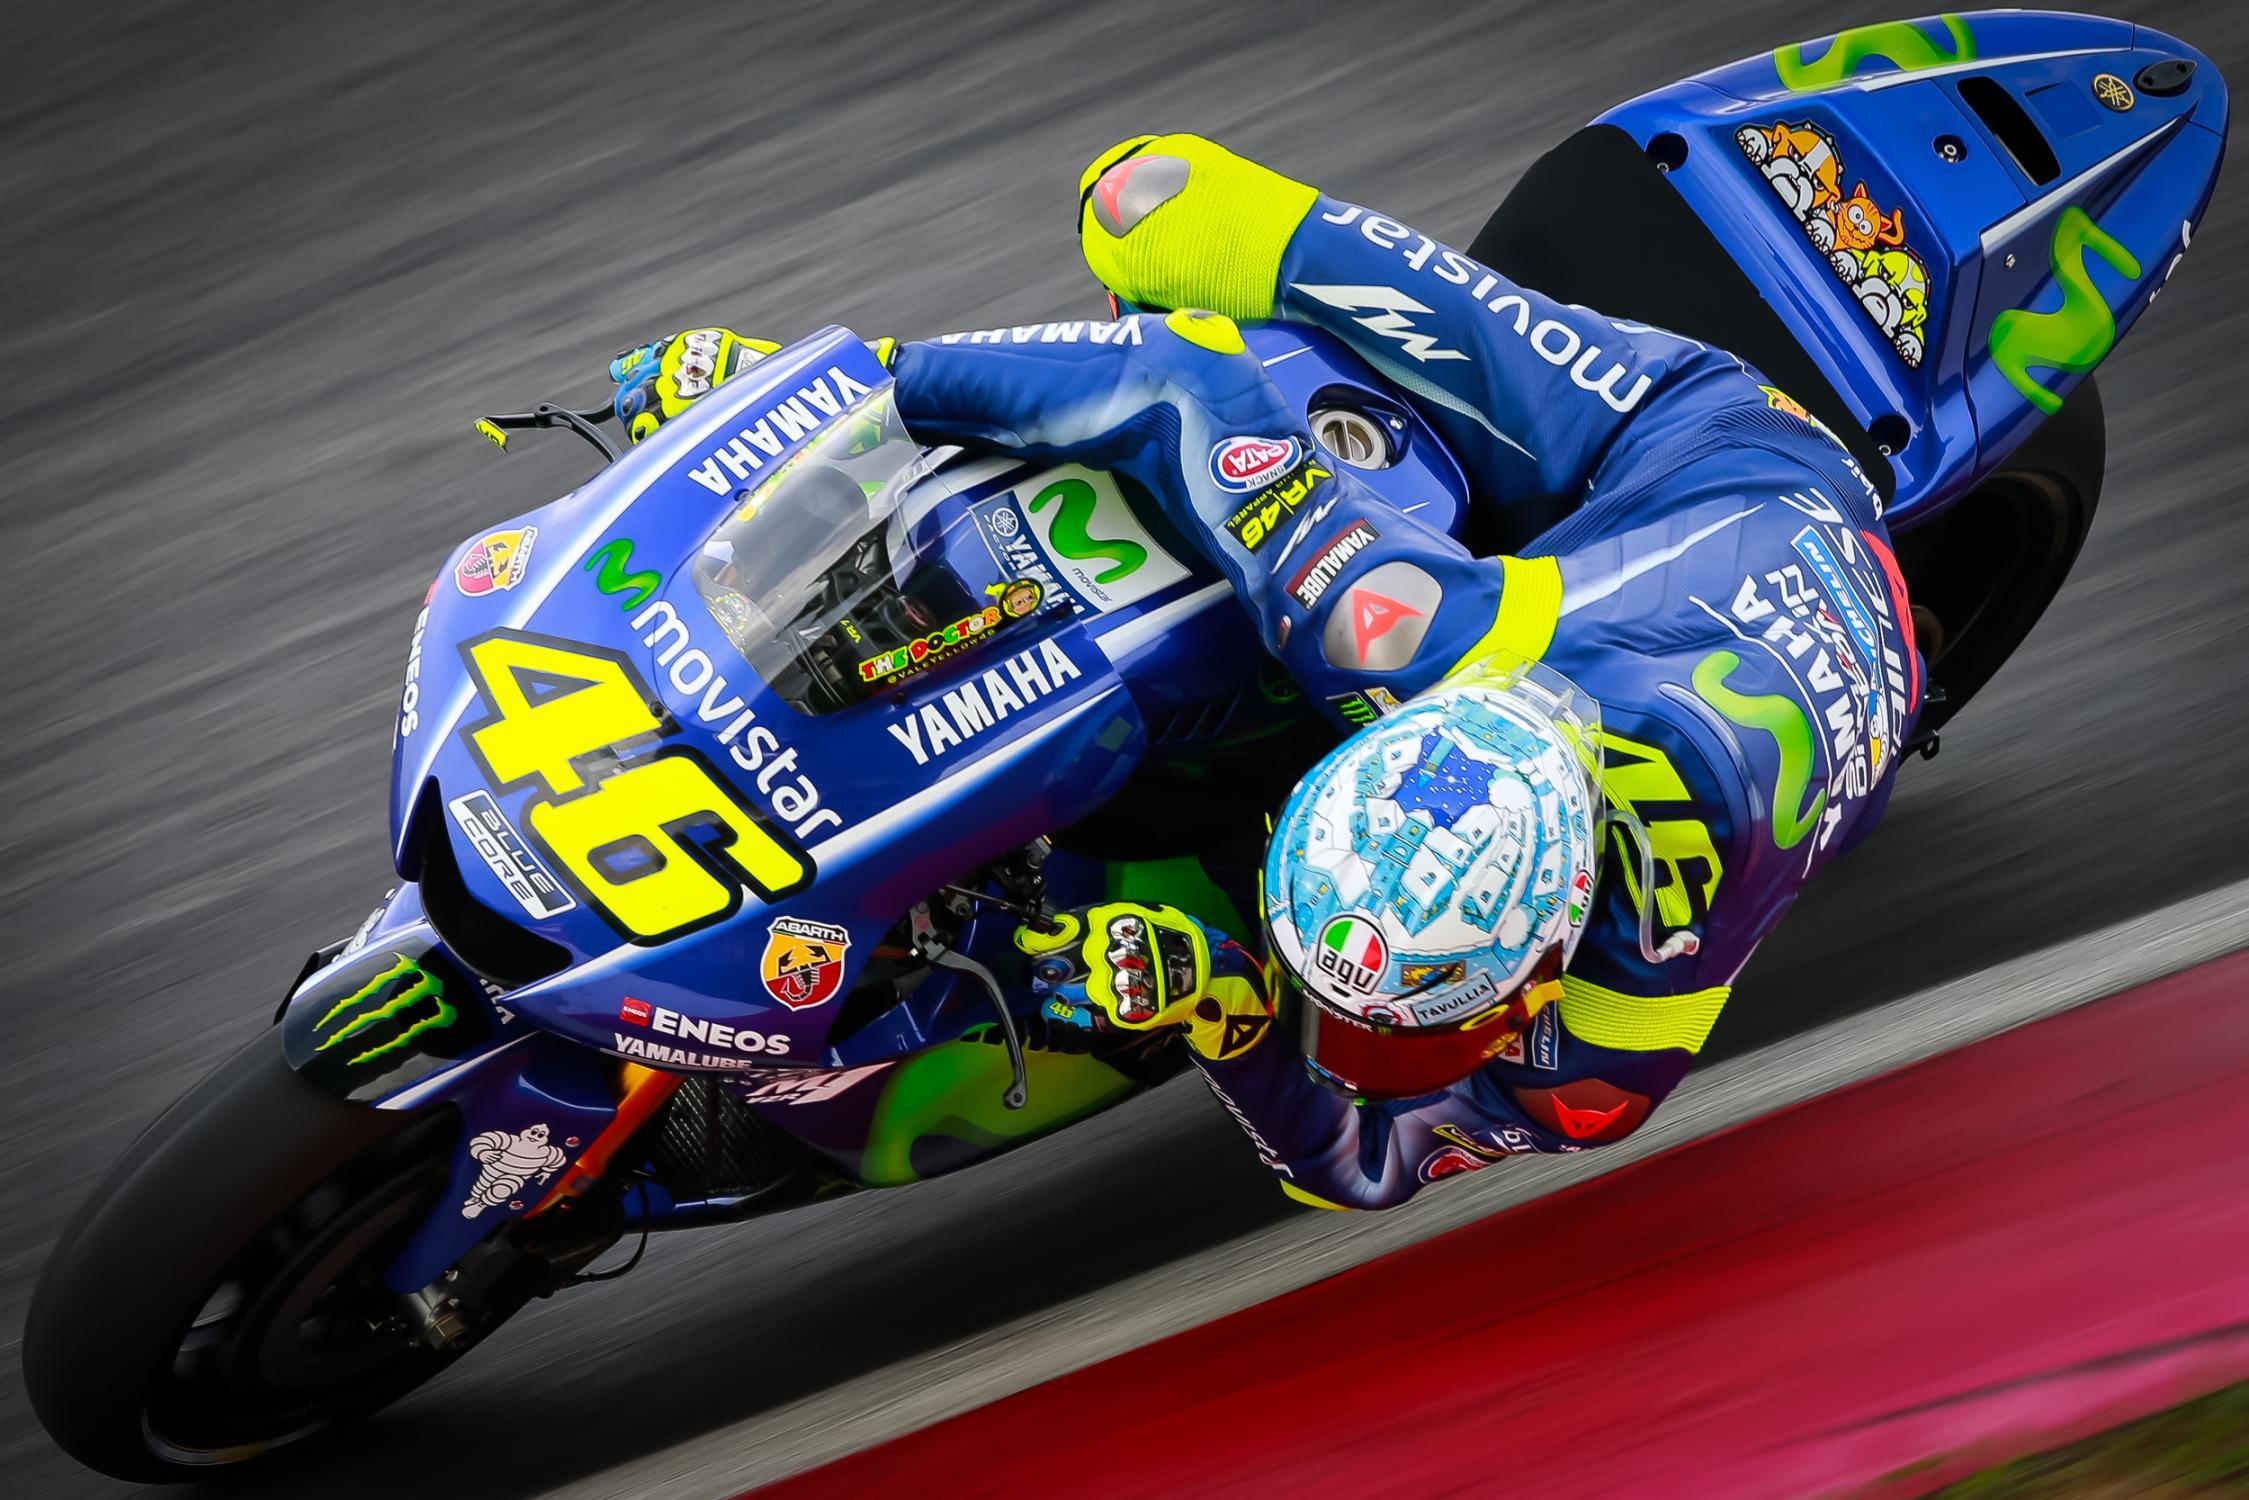 [MotoGP] Test Sepang _gp_1709.gallery_full_top_fullscreen